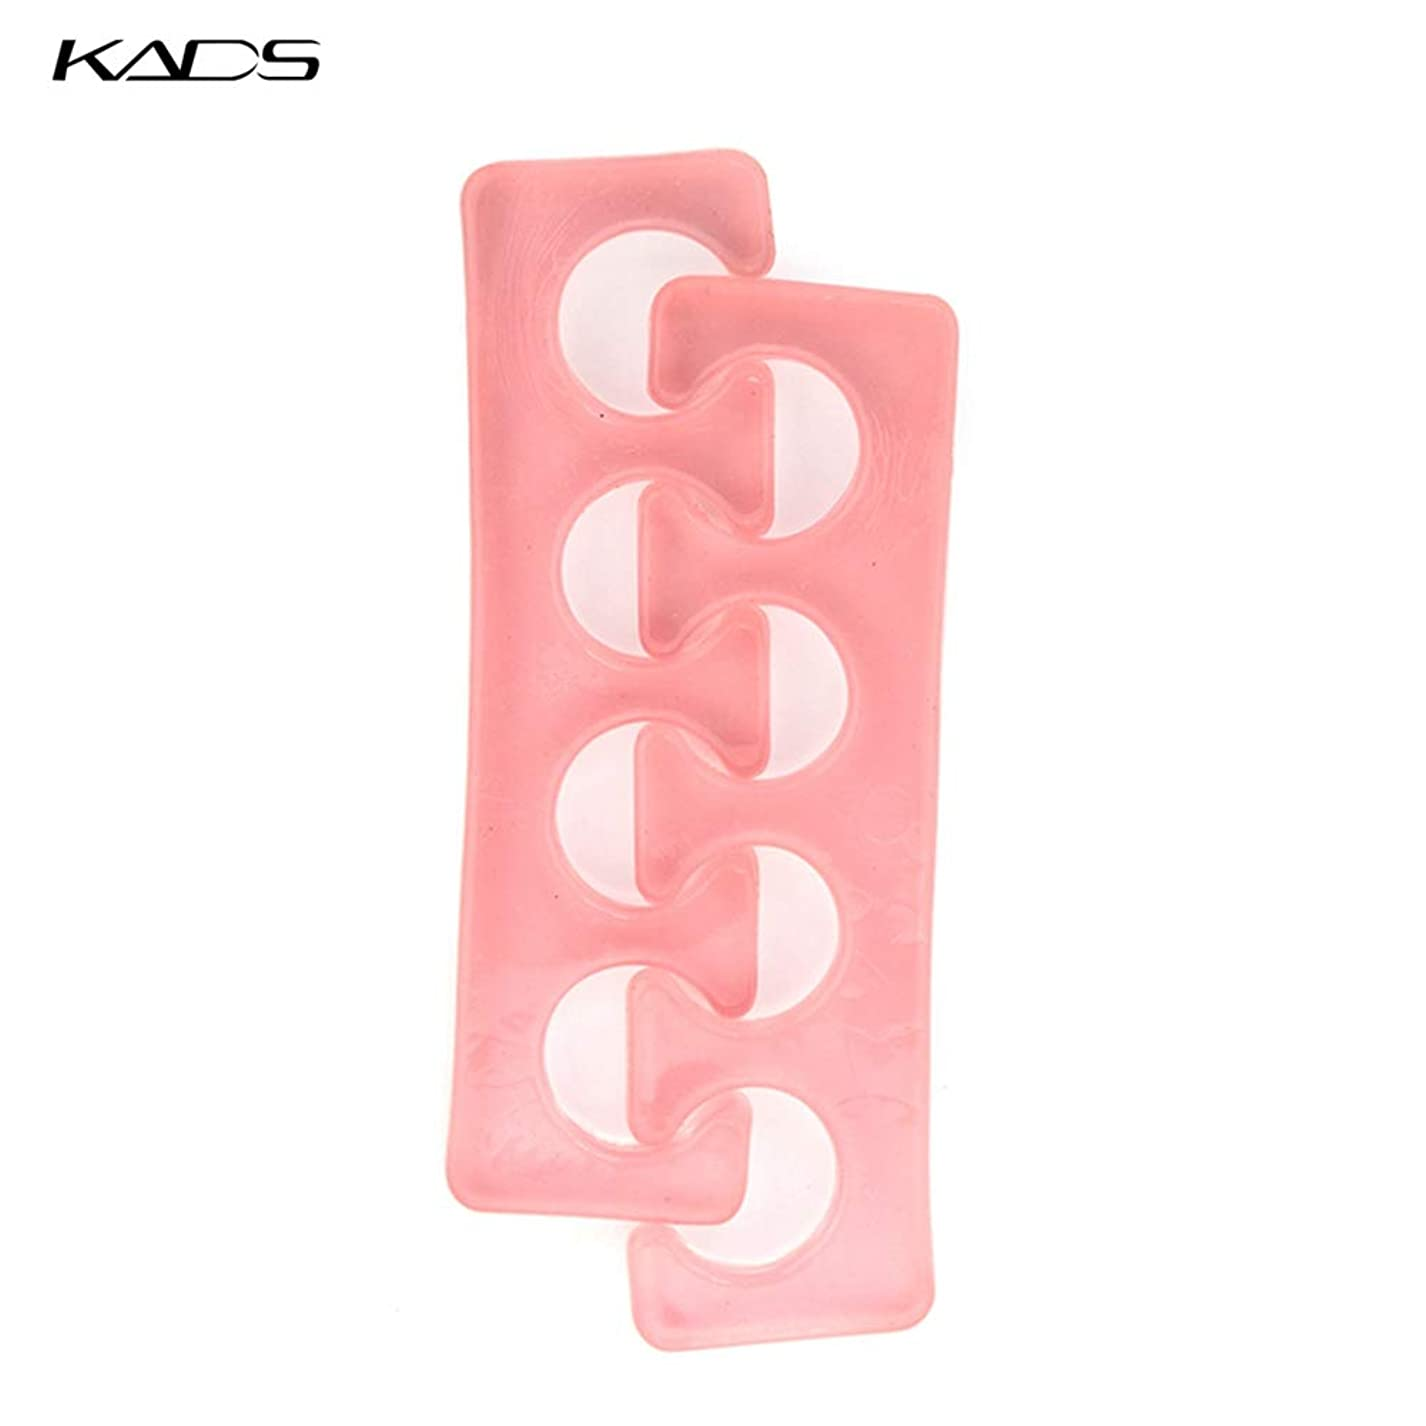 明確に不名誉コピーKADS シリコン製 足指セパレーター 2個セット トウセパレーター ネイルアート用(ピンク)